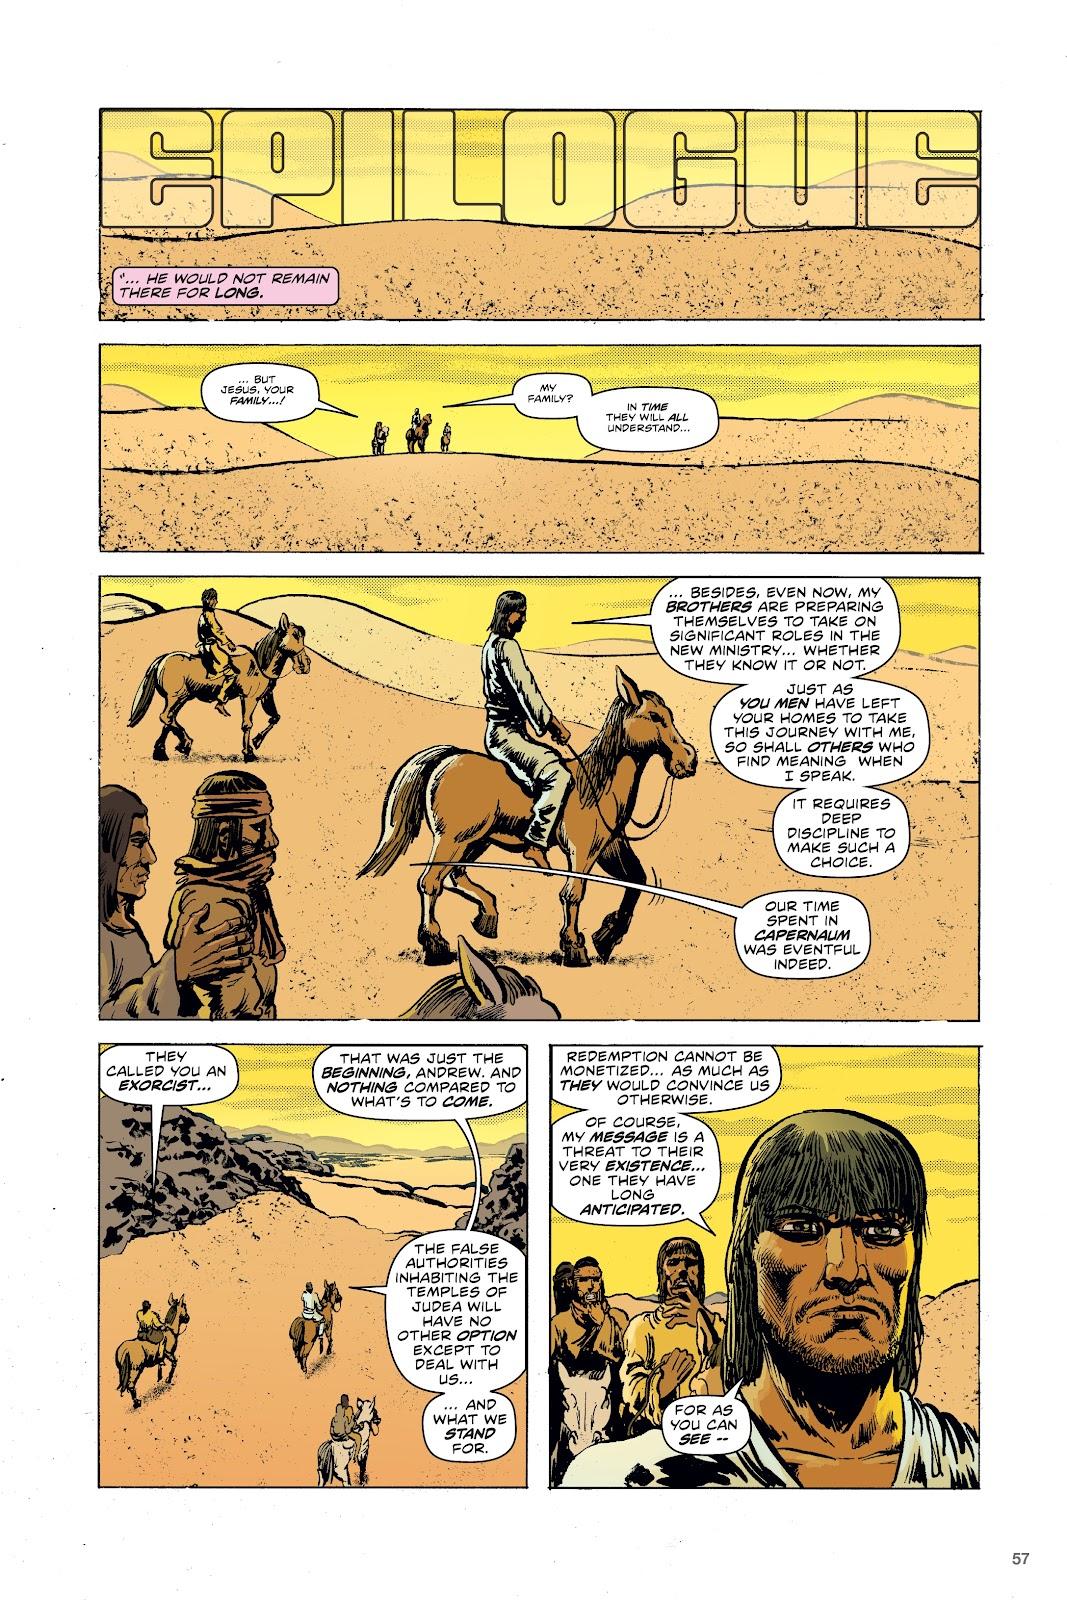 Read online Jesusfreak comic -  Issue # Full - 52